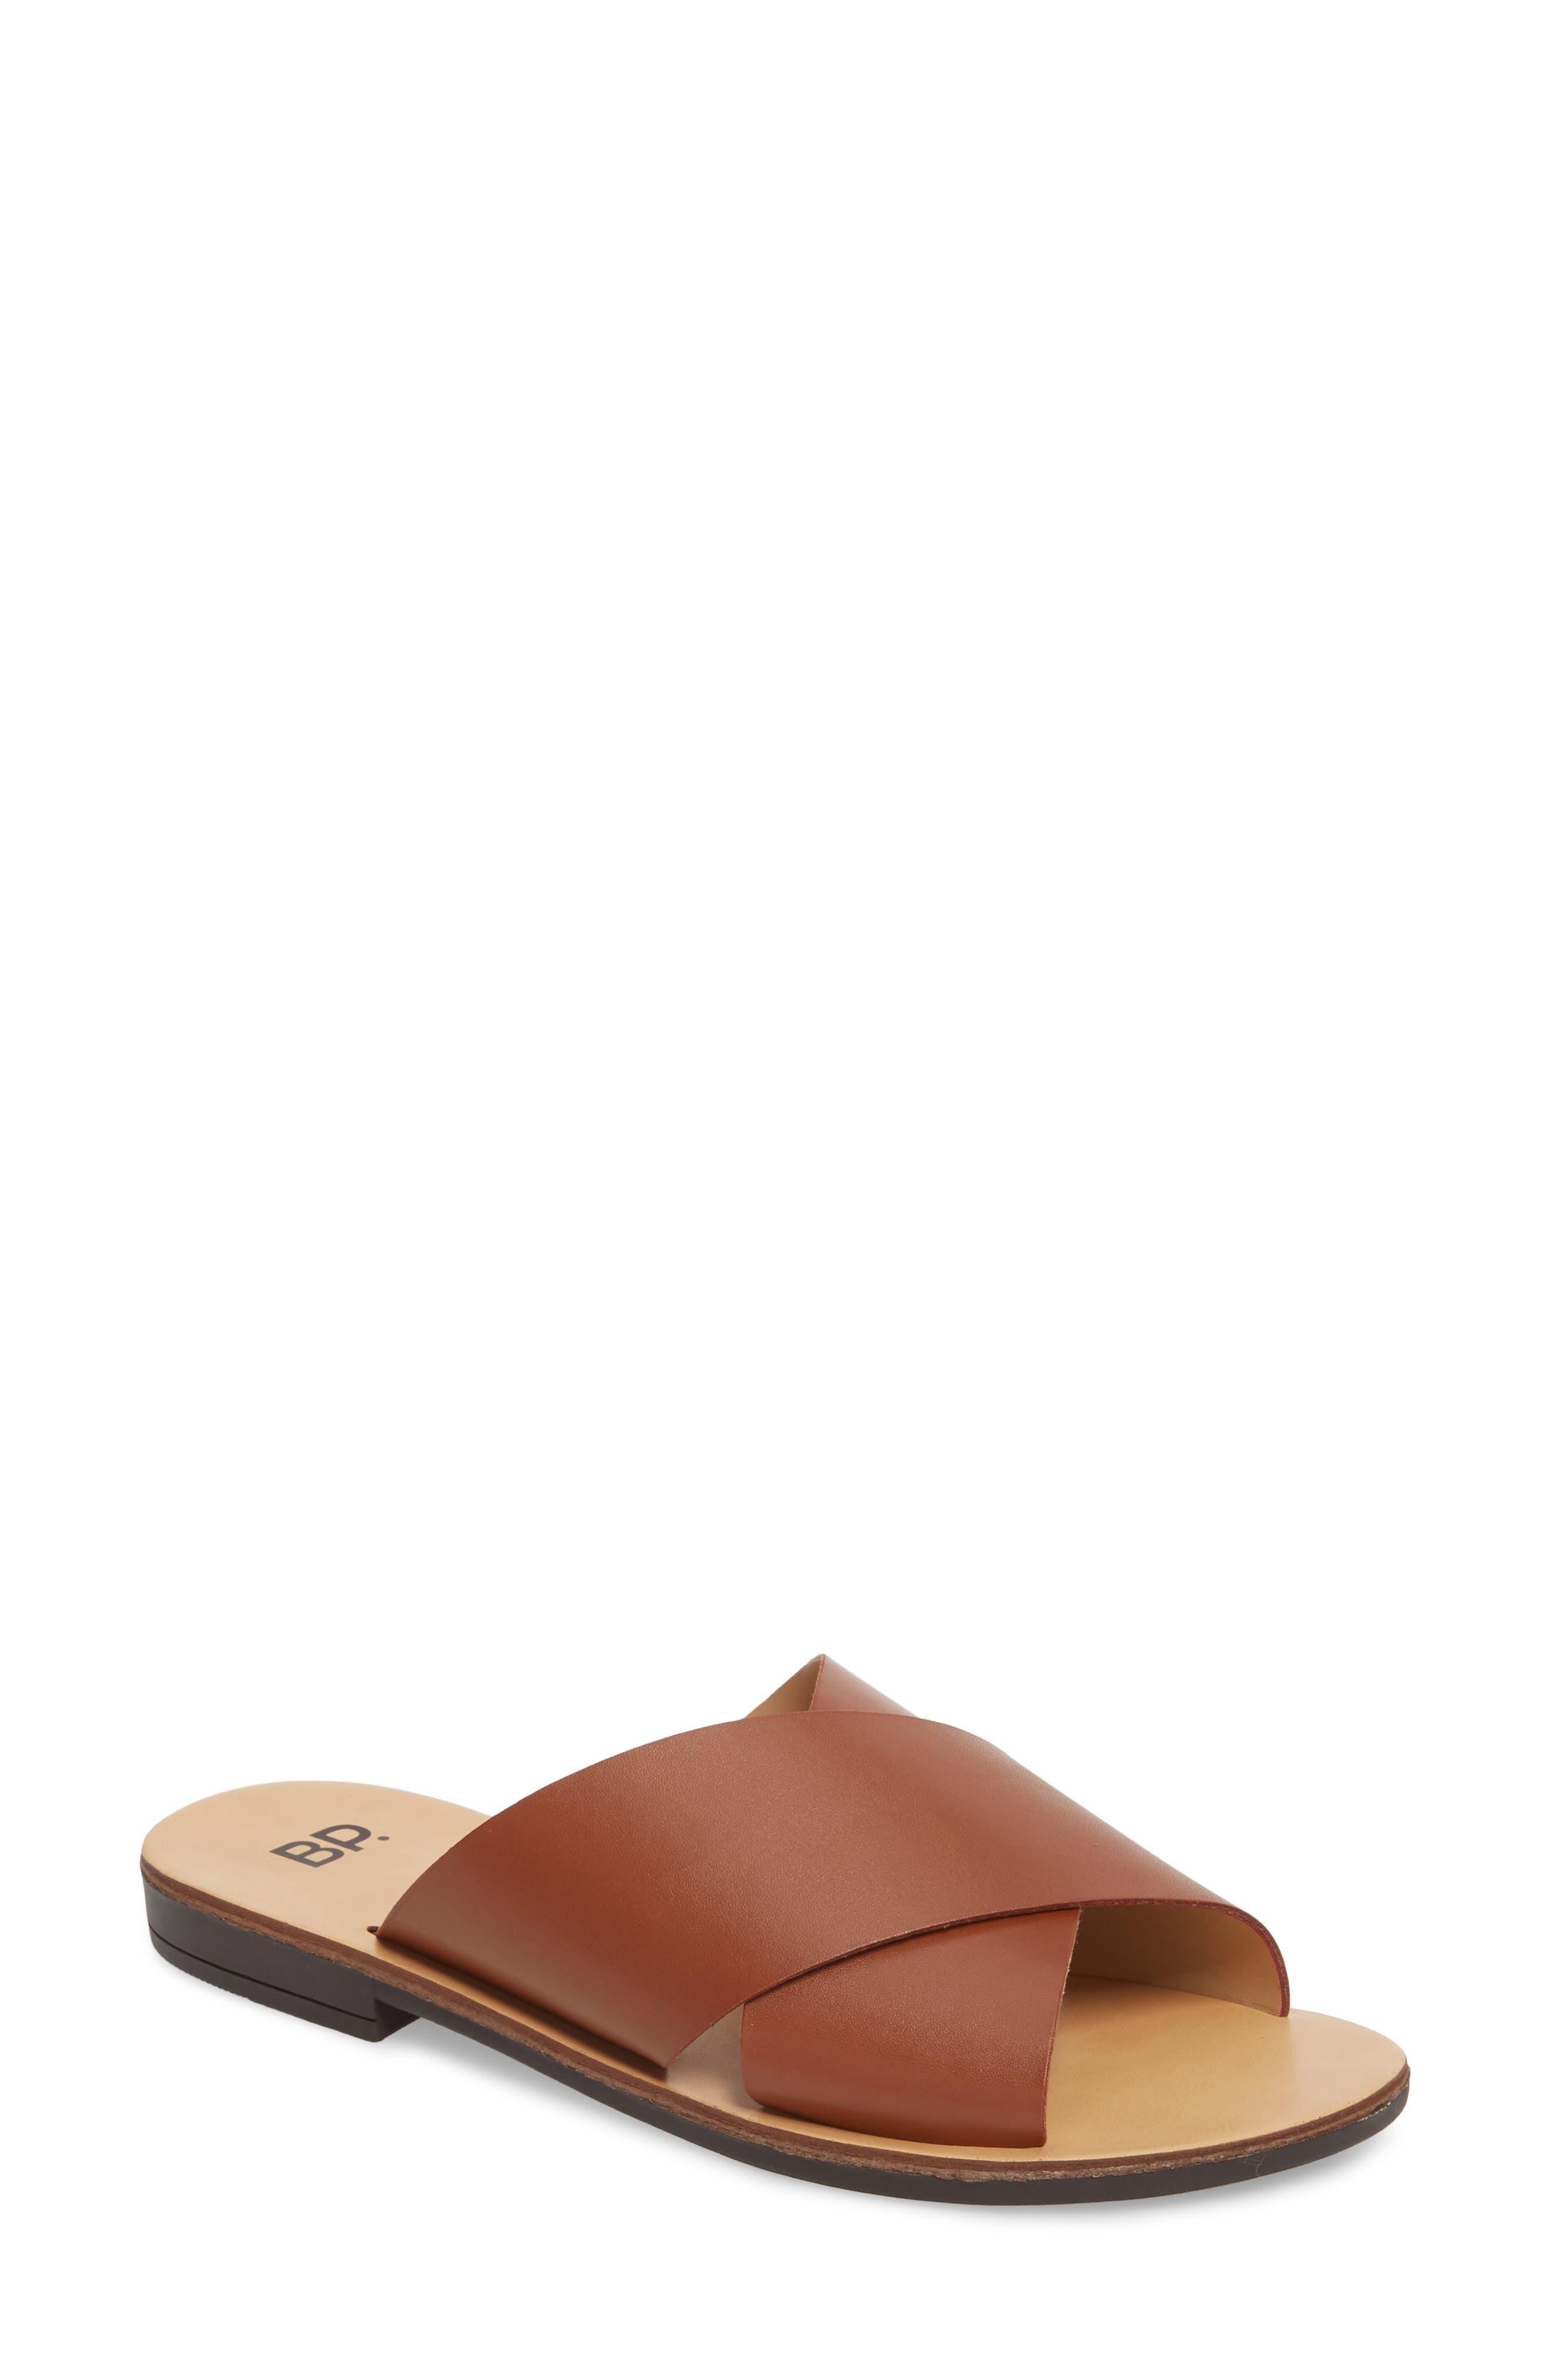 Twist Cross Strap Sandal,                         Main,                         color, Cognac Faux Leather